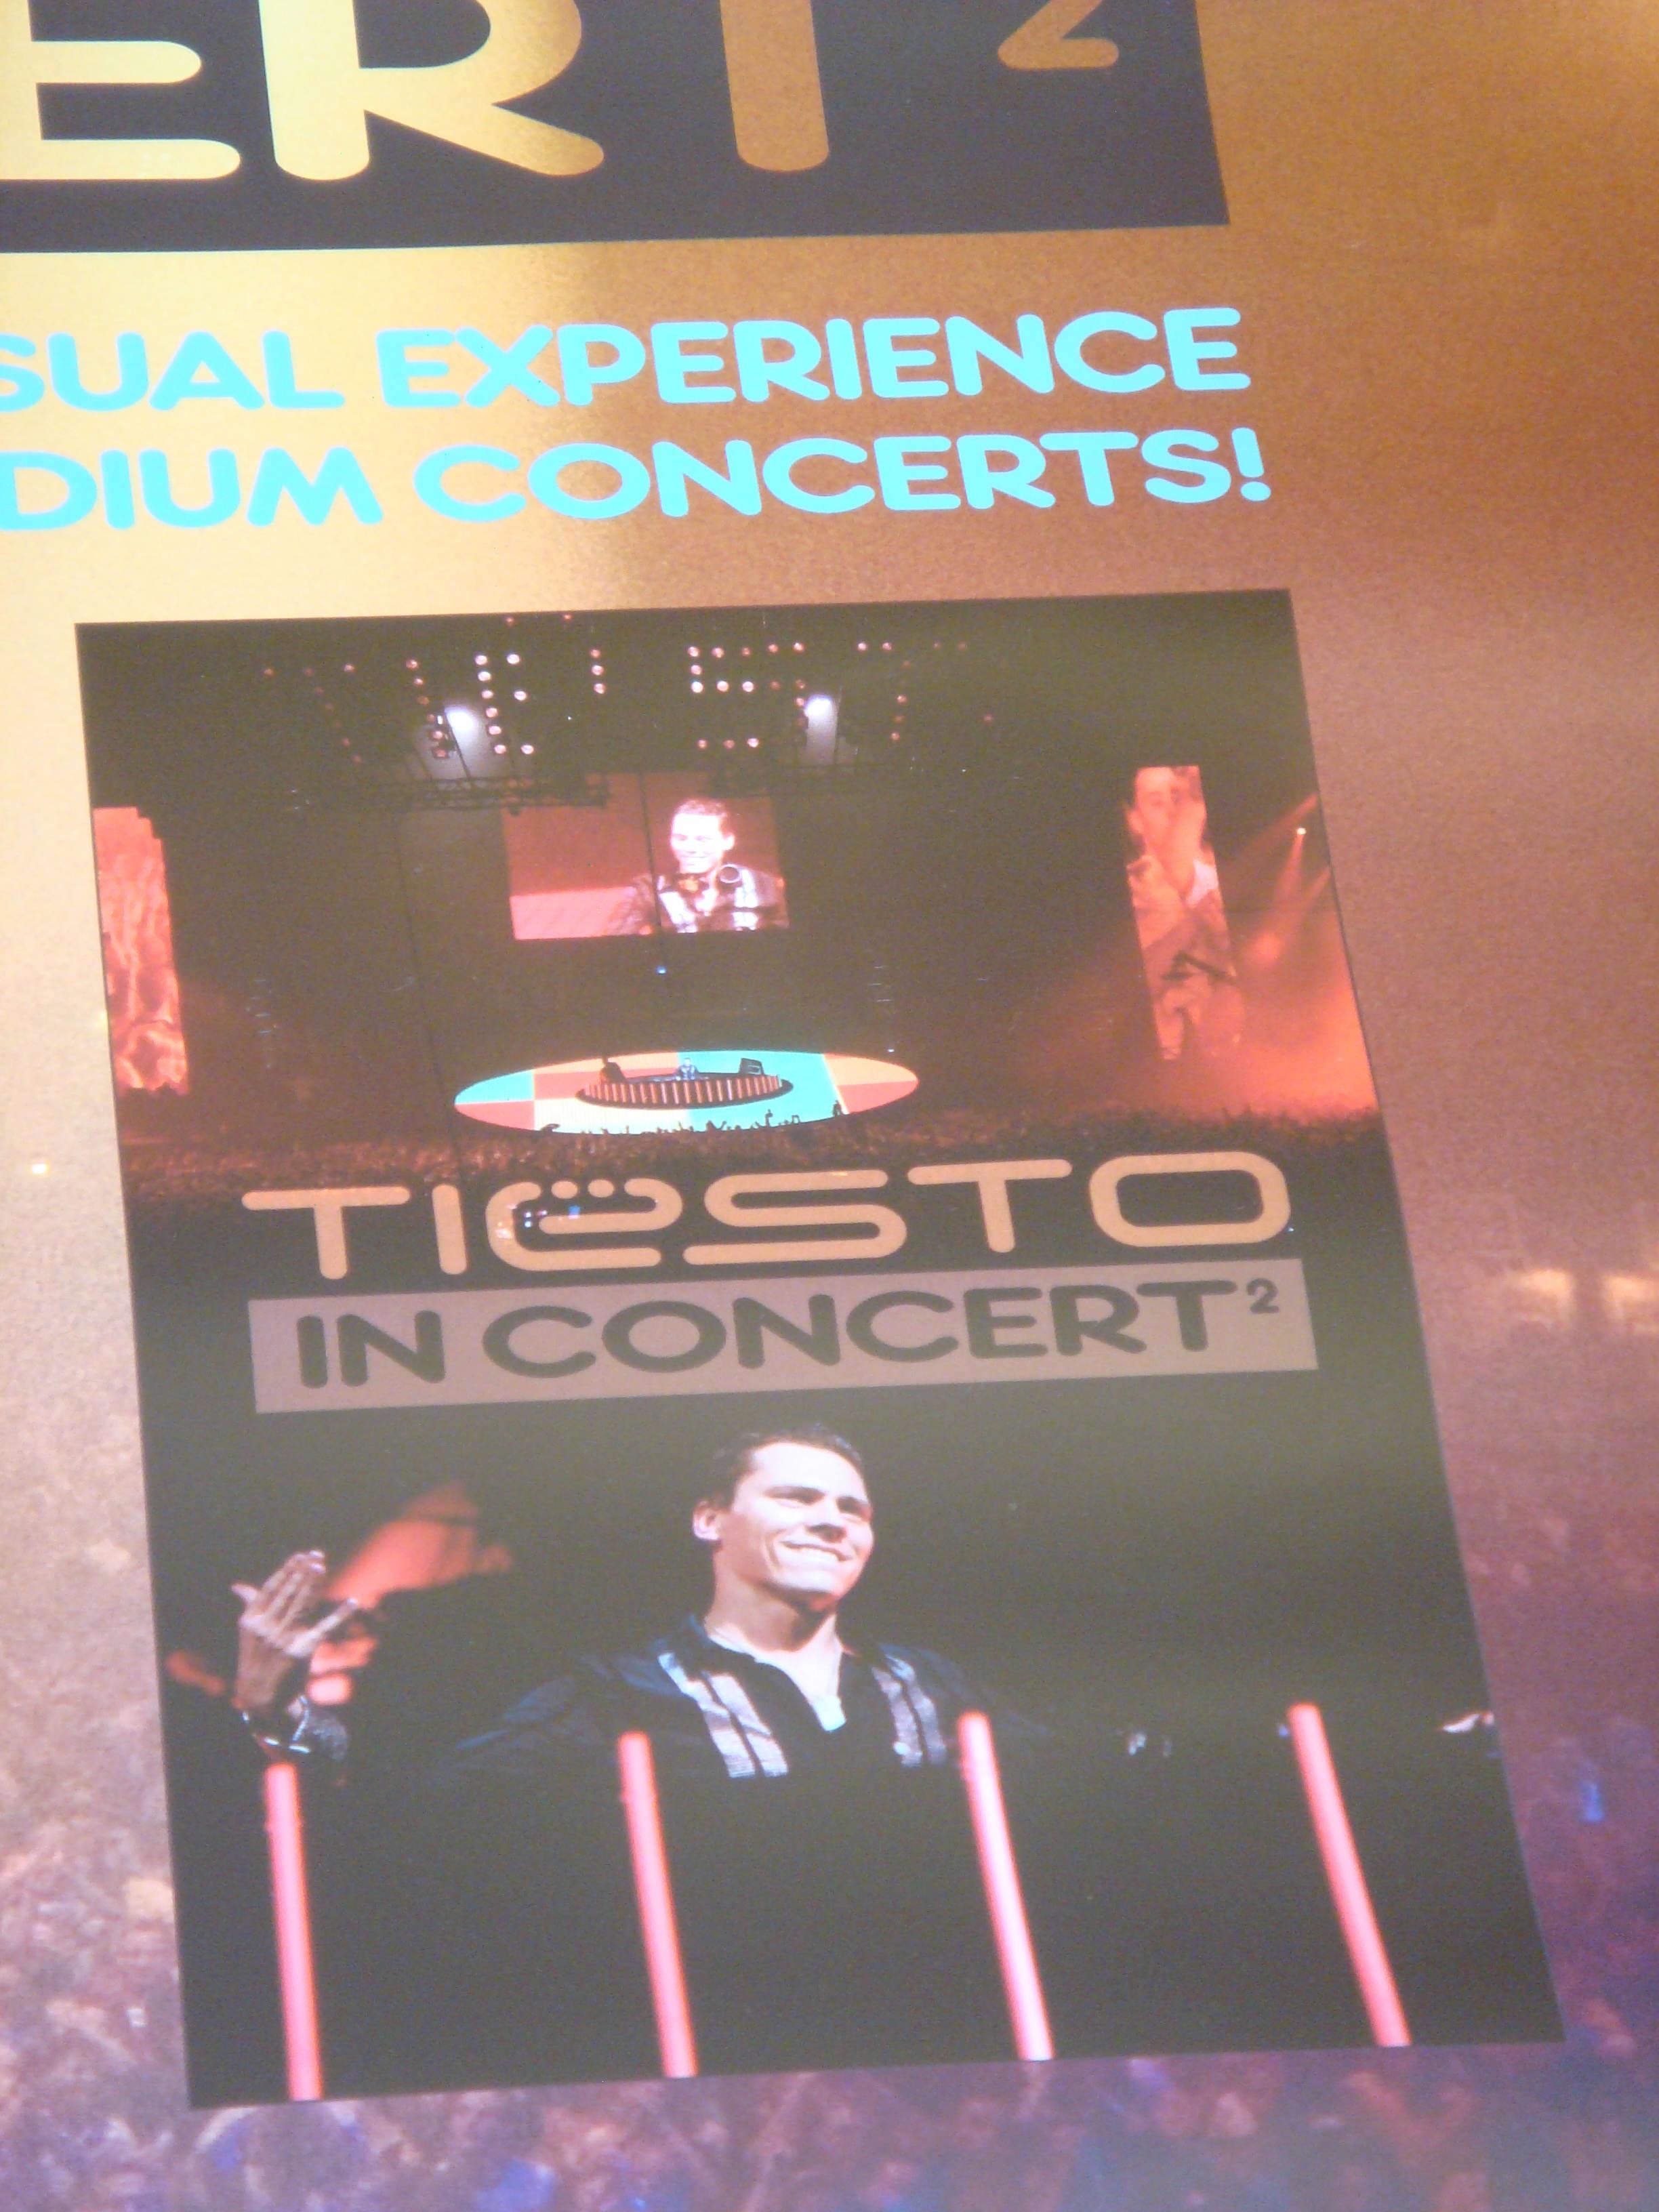 Dj Tiesto – In Concert 2 Poster